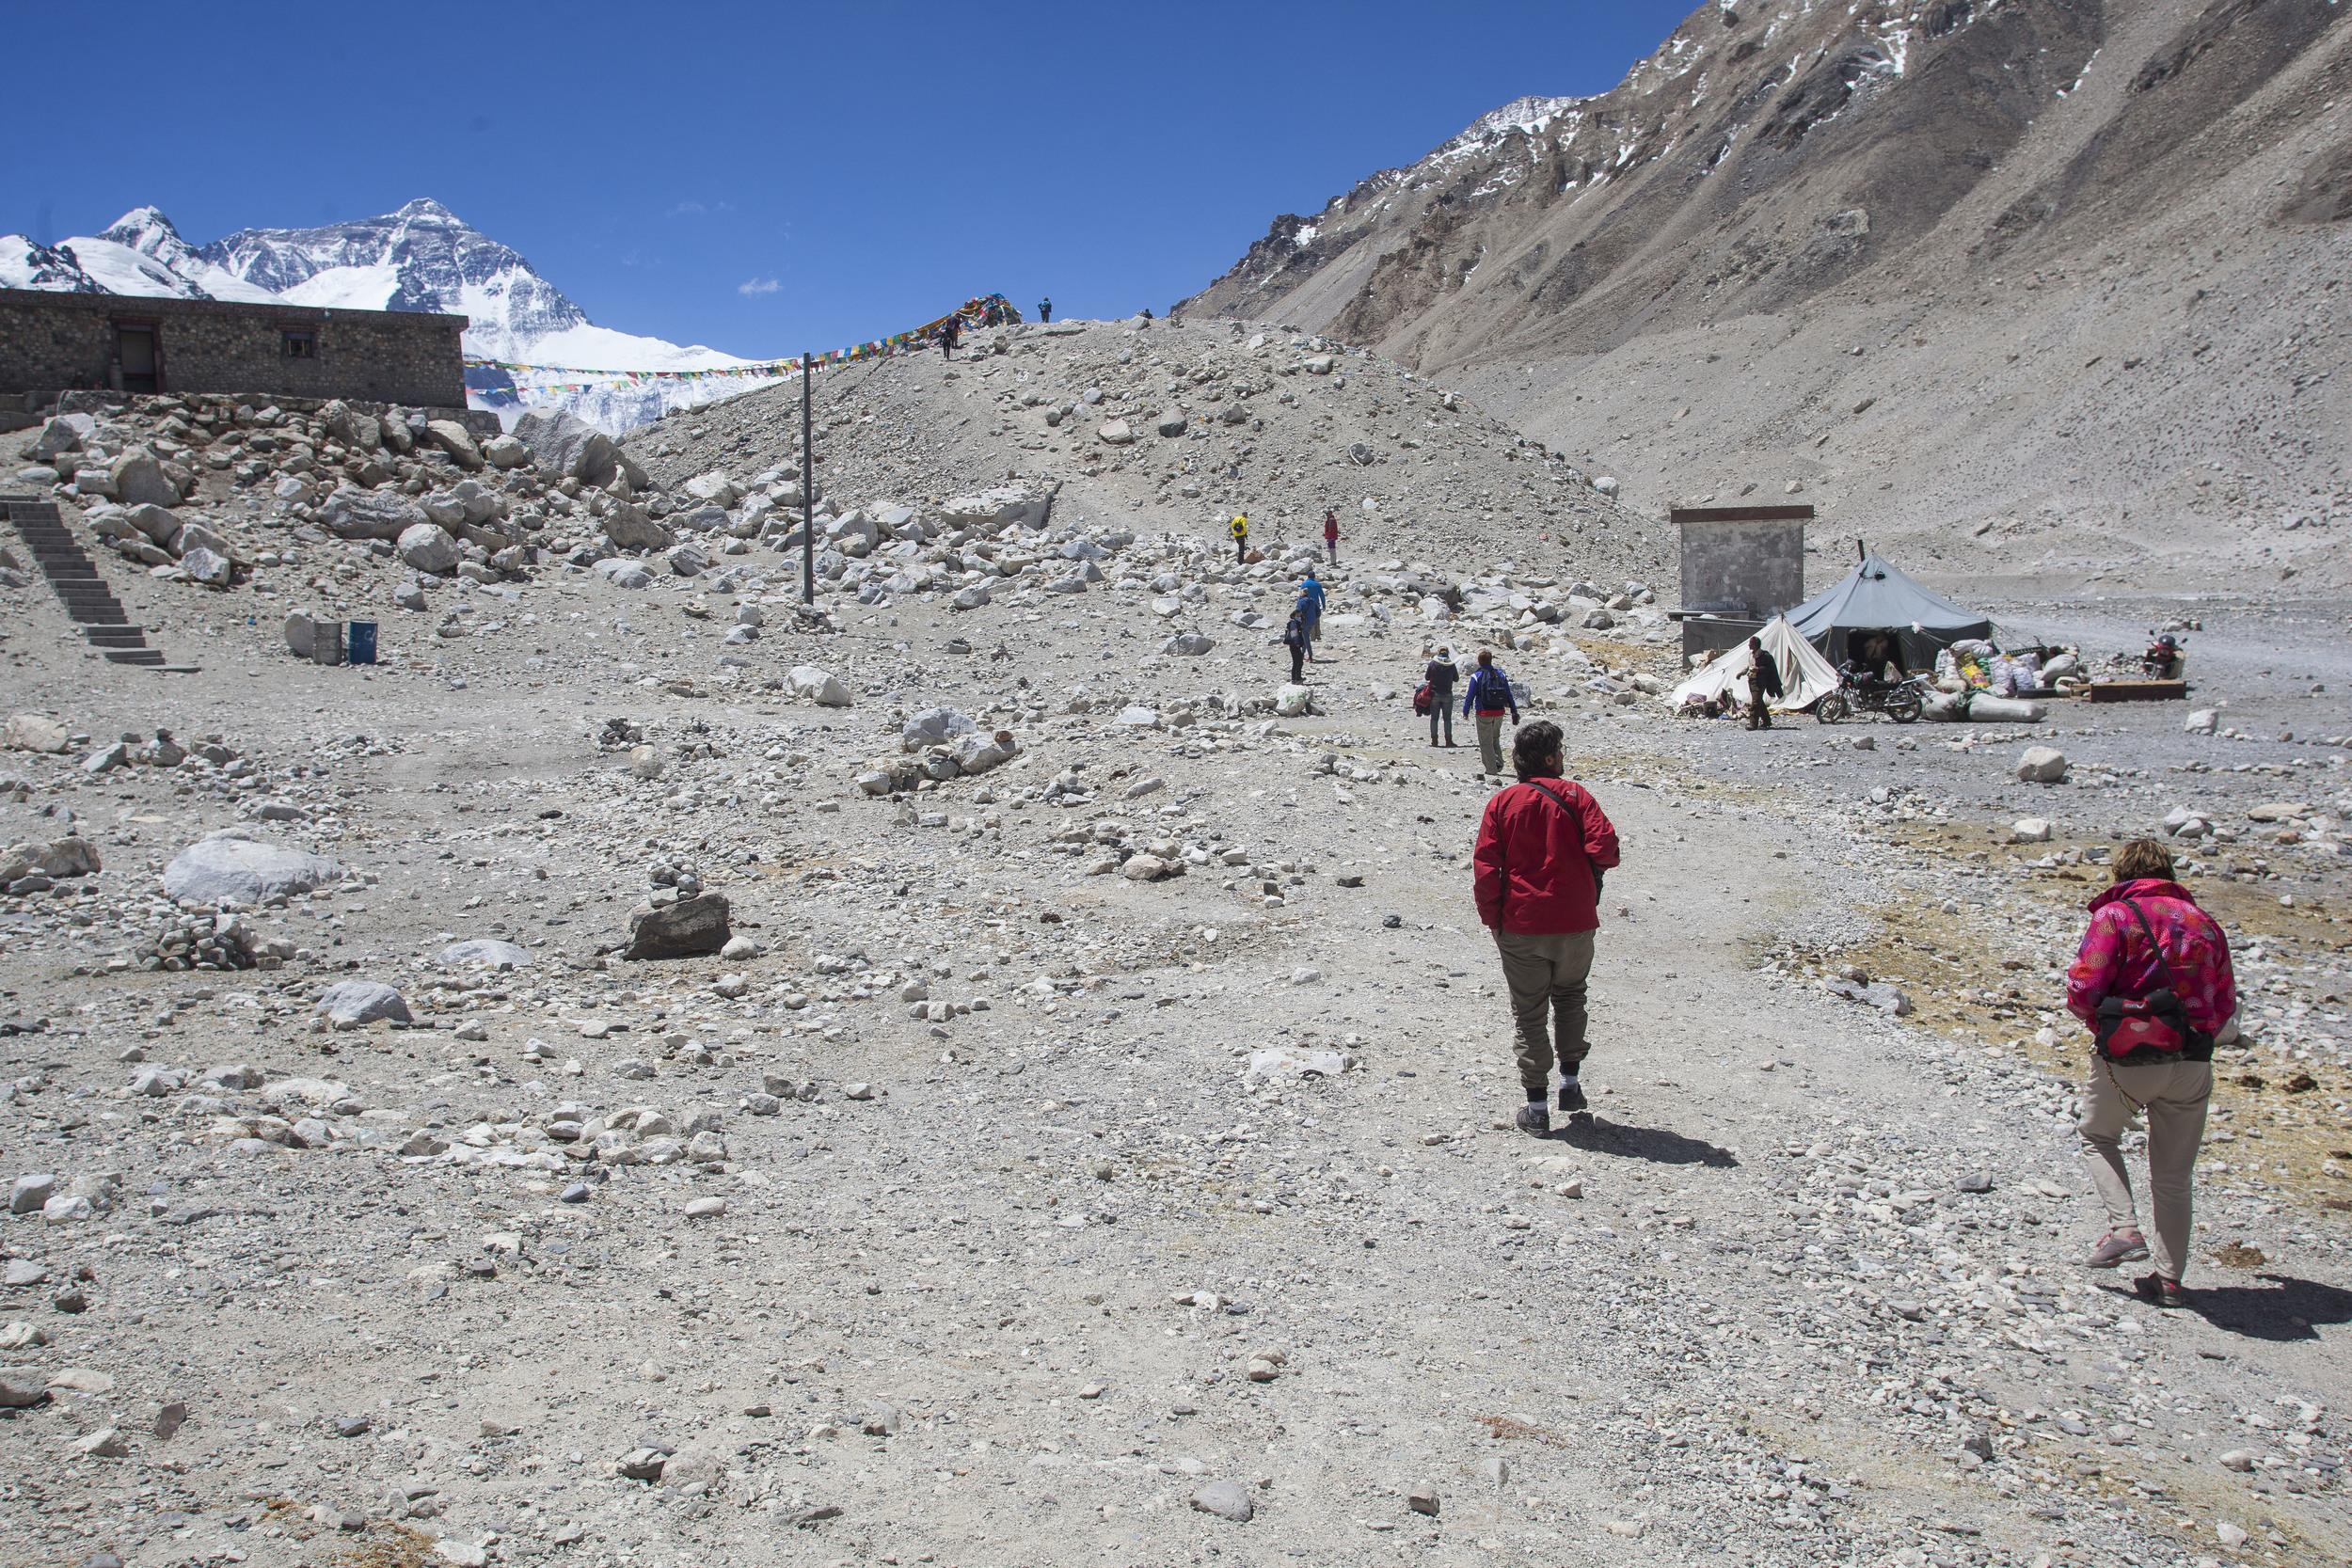 Mt. Everest base camp